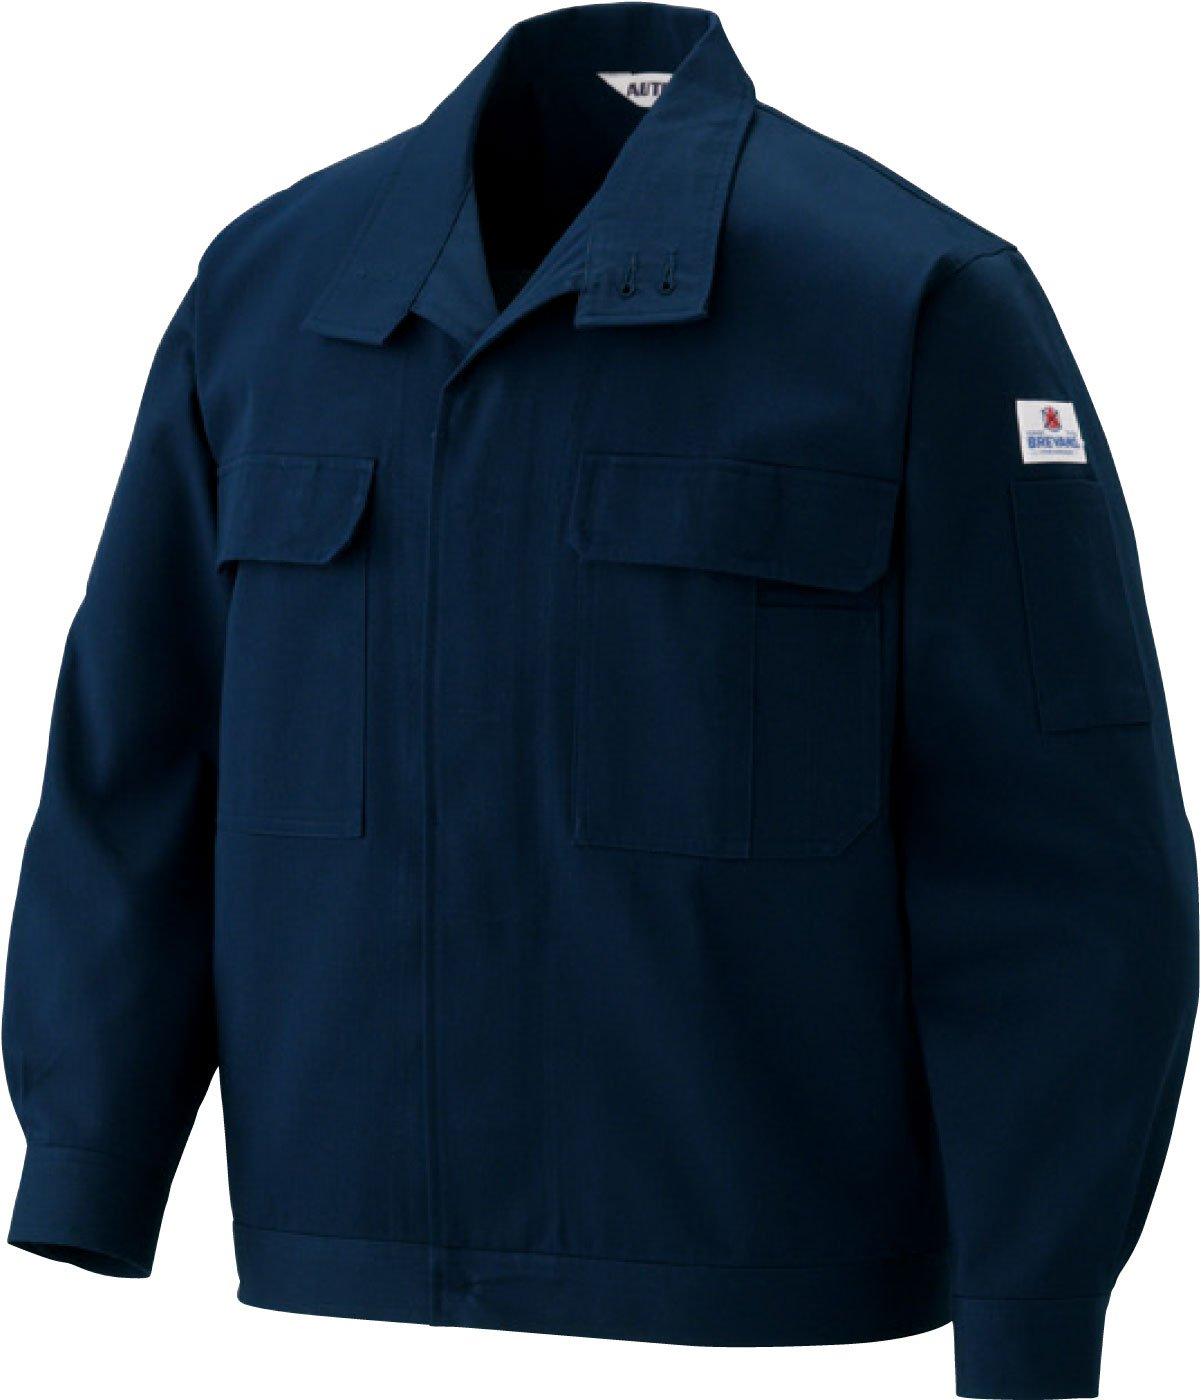 (クラボウ) KURABO長袖ブルゾン 防災ブレバノプラス ジャンパー ab-5201 B01N0K80PV 4L|ネイビーブルー